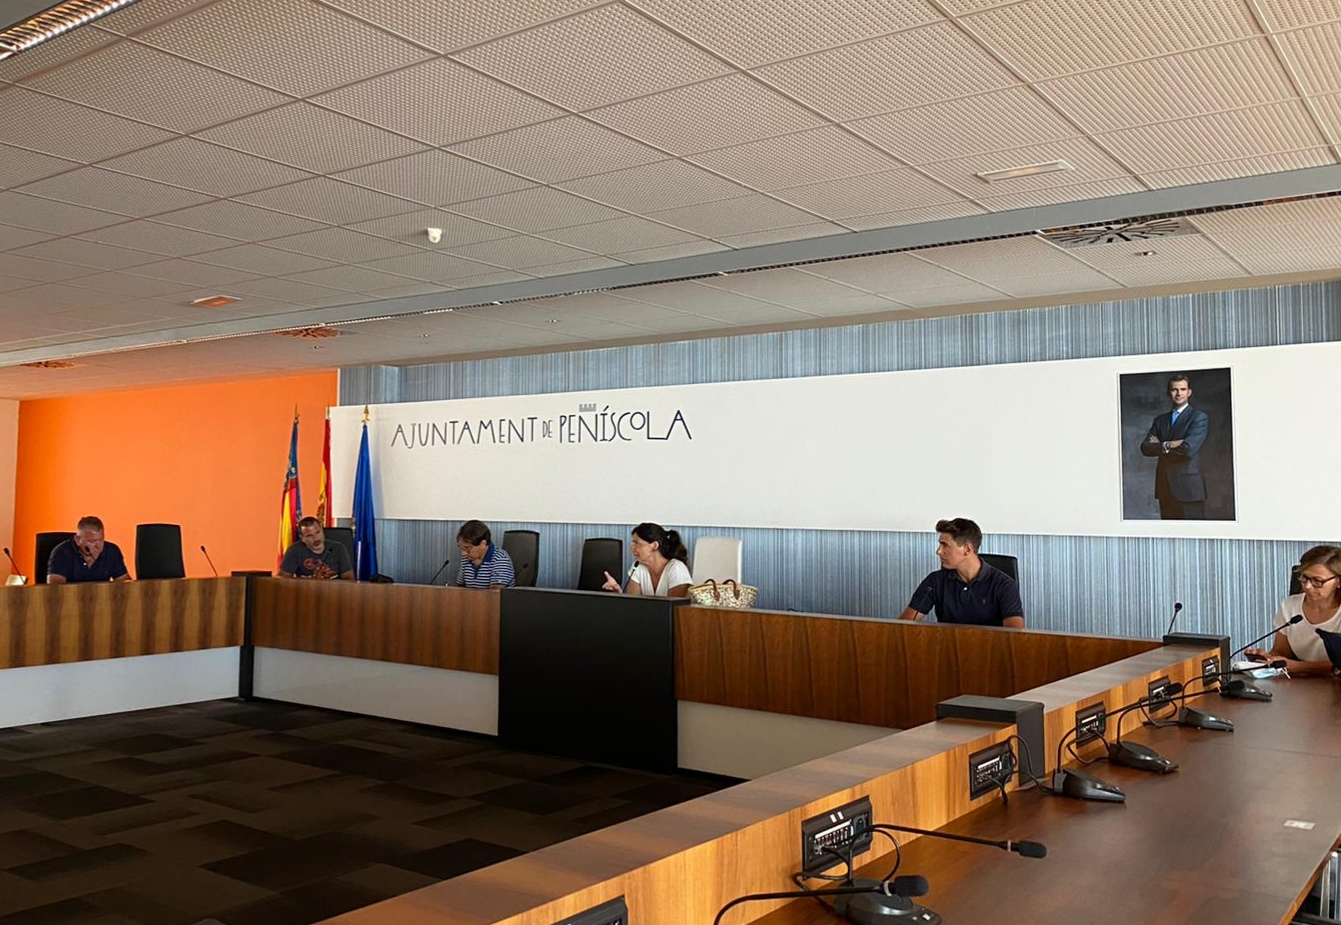 Els departaments de l'Ajuntament de Peníscola atendran a partir del dilluns de manera presencial i amb cita prèvia